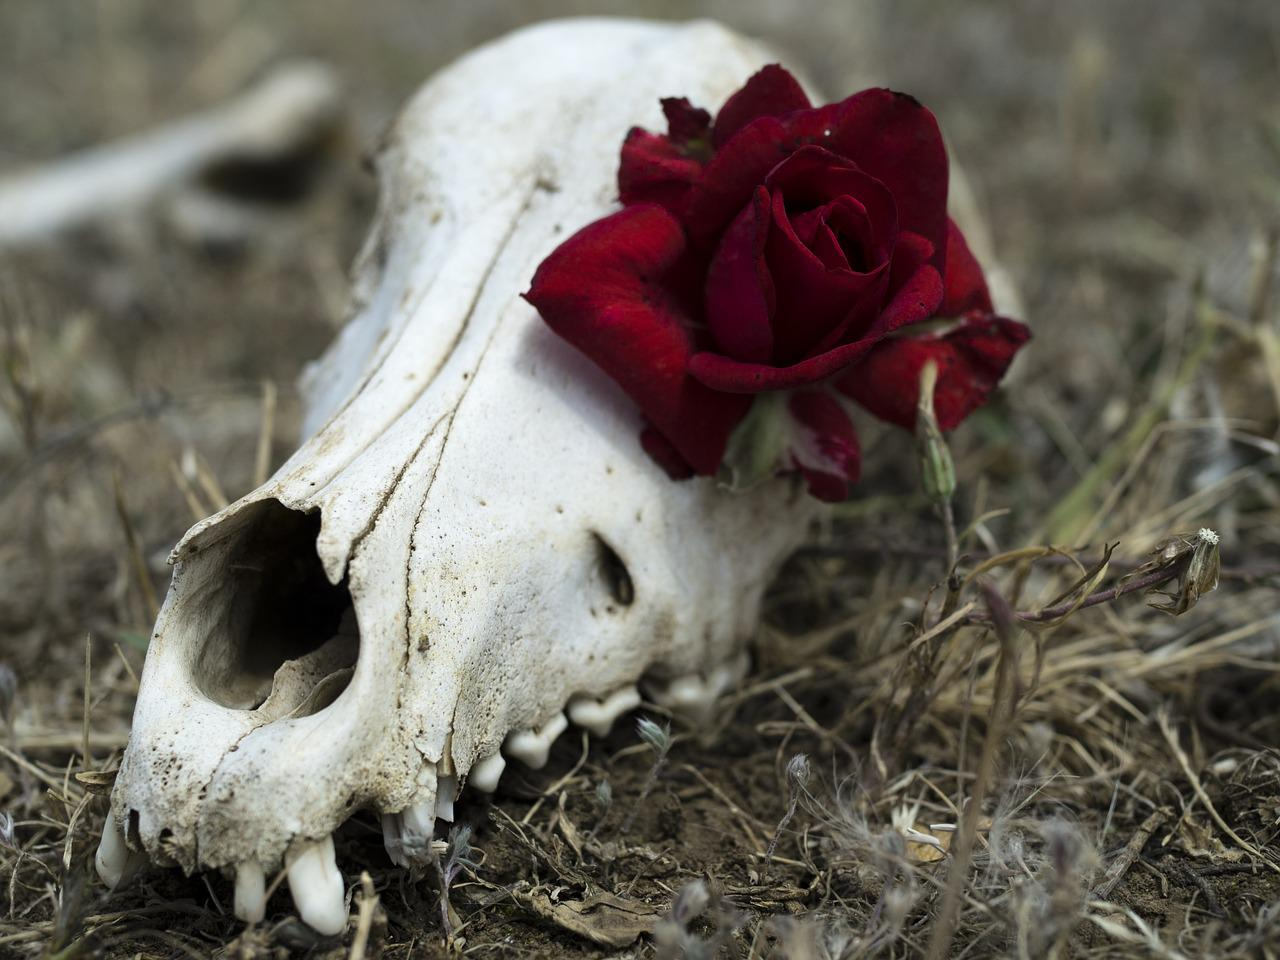 вам фотографии череп с цветами образом, они